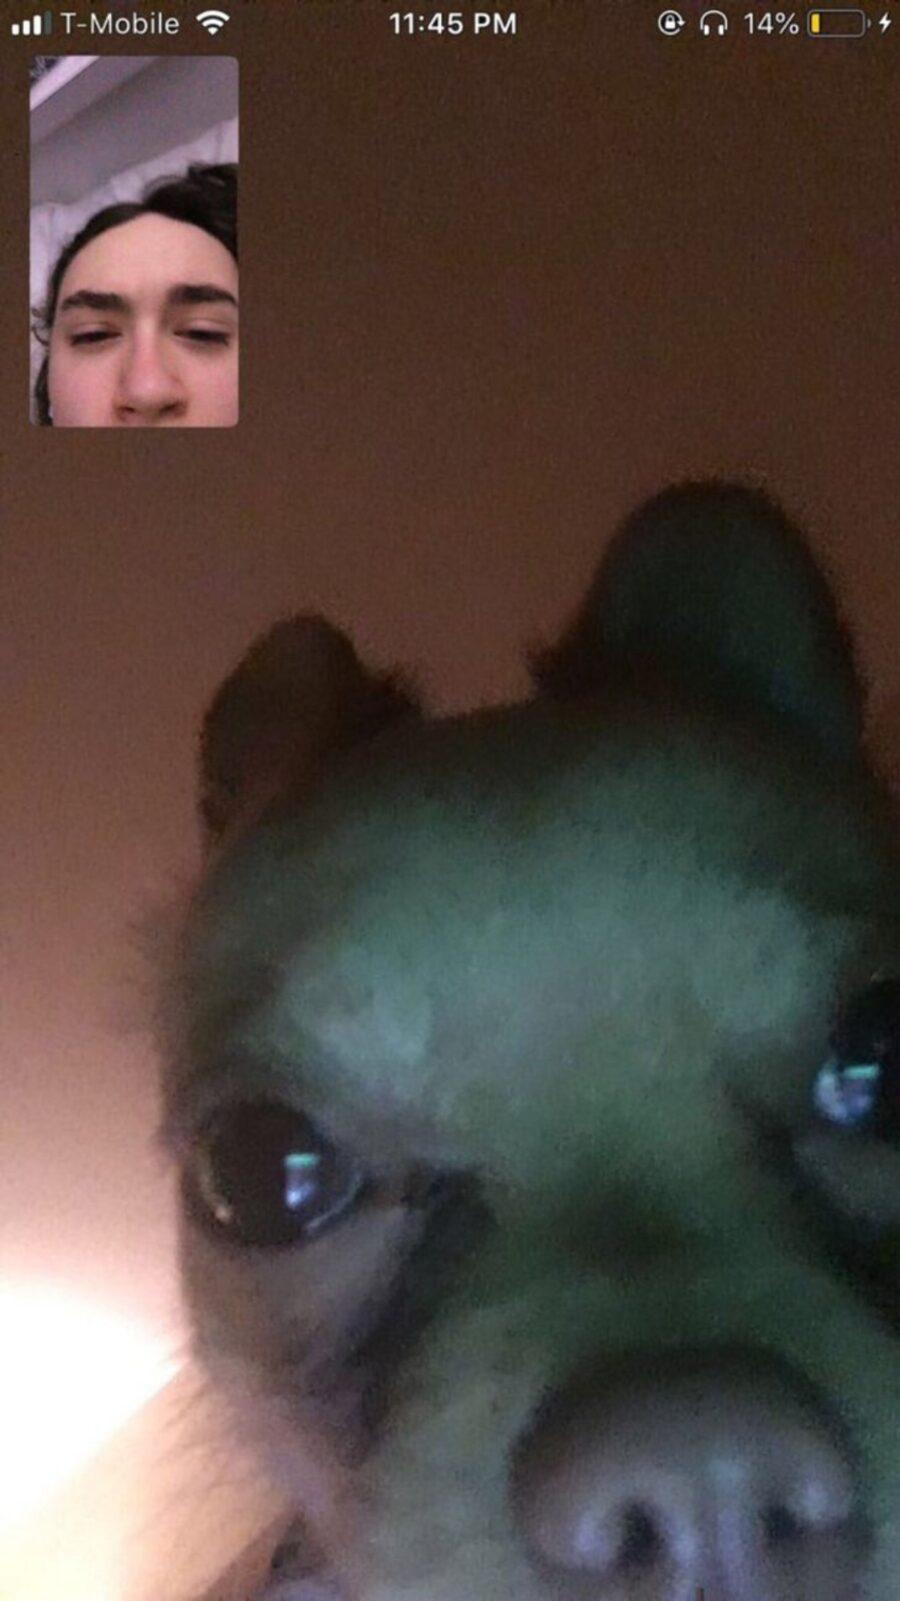 cane videochiamata mamma